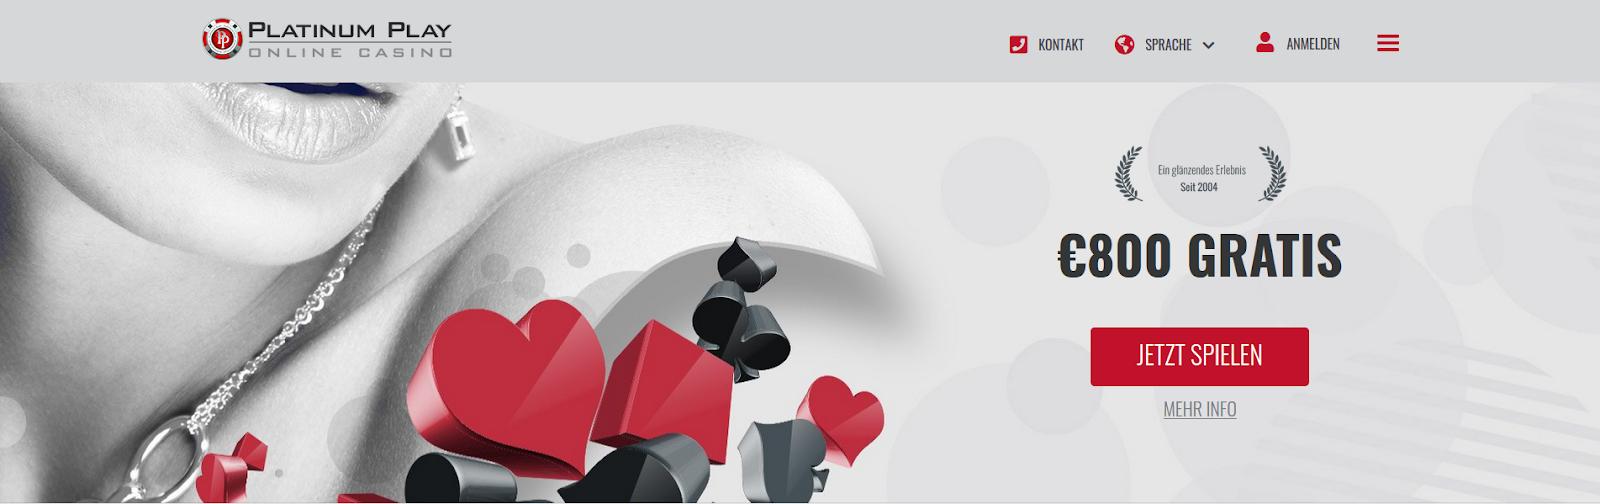 Platinum Play Casino: Stil und Design.